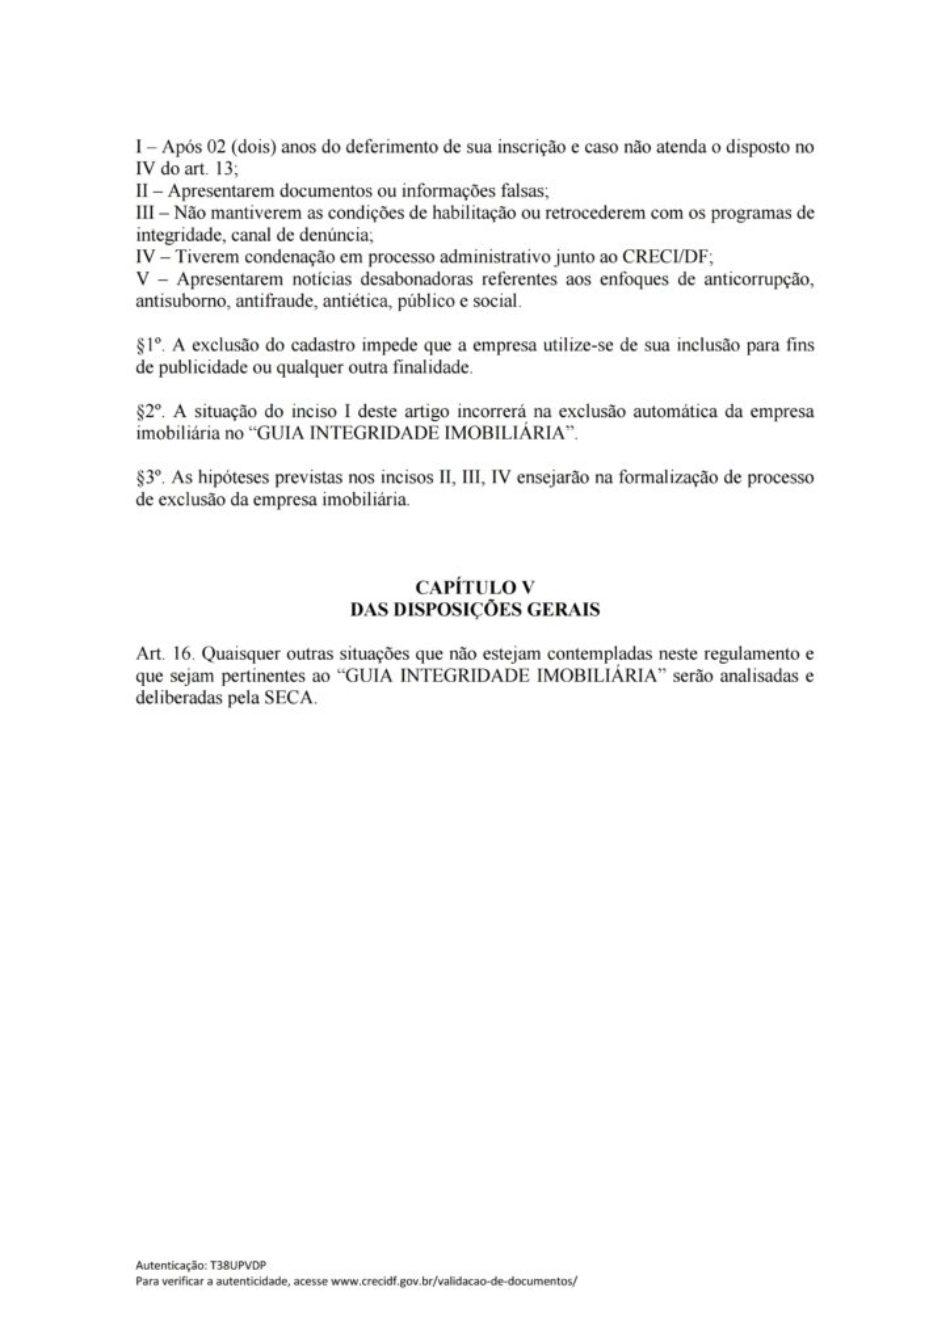 PORTARIA Nº 57 - GUIA INTEGRIDADE IMOBILIÁRIA - FINAL.pdf_page_5